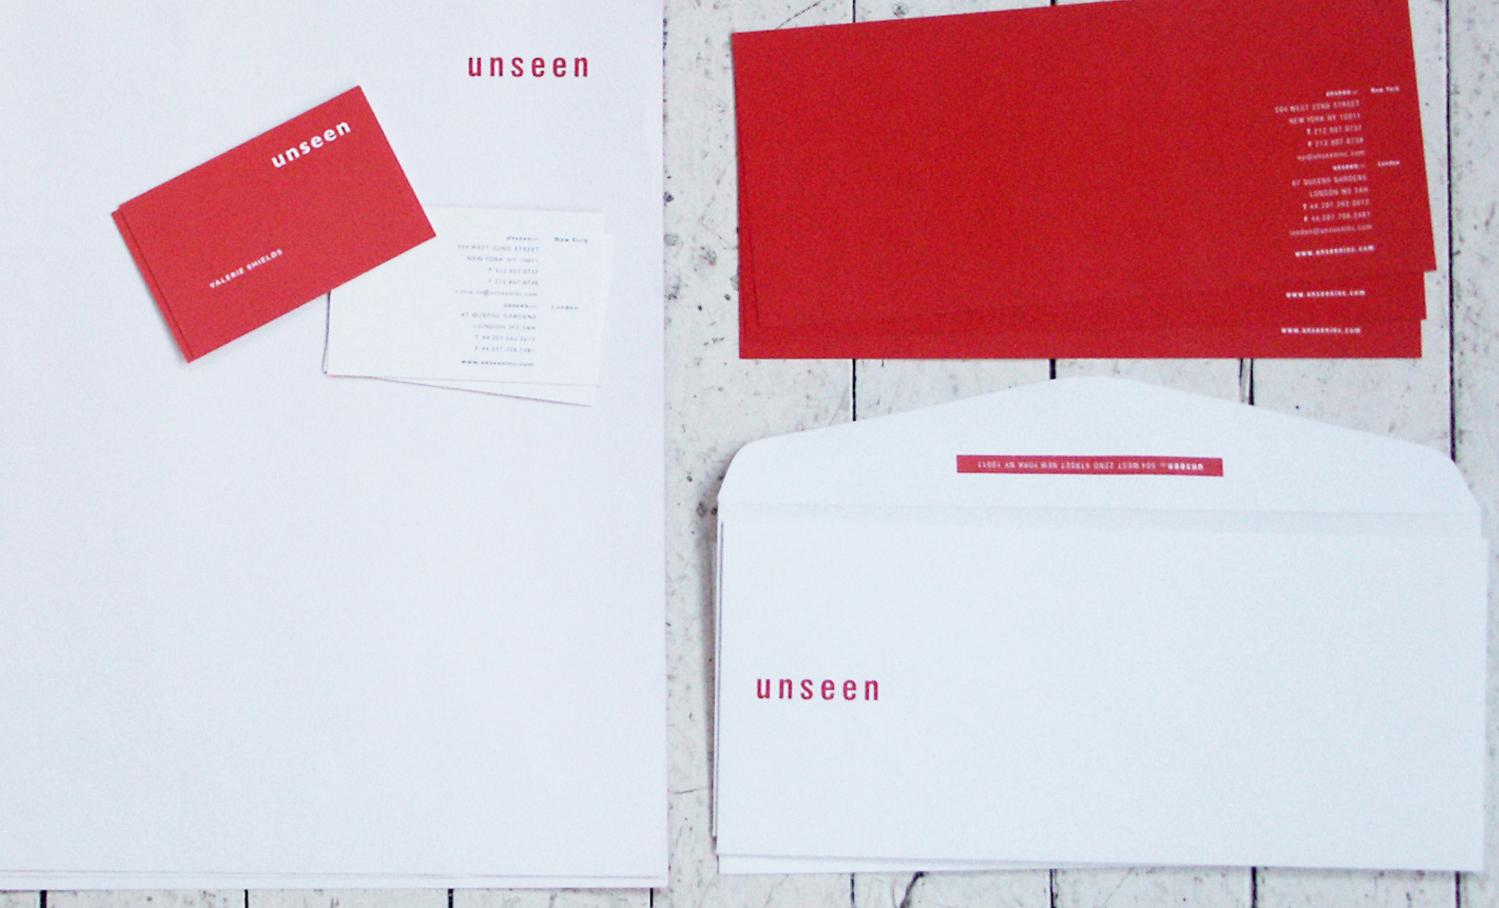 Unseen 5.jpg